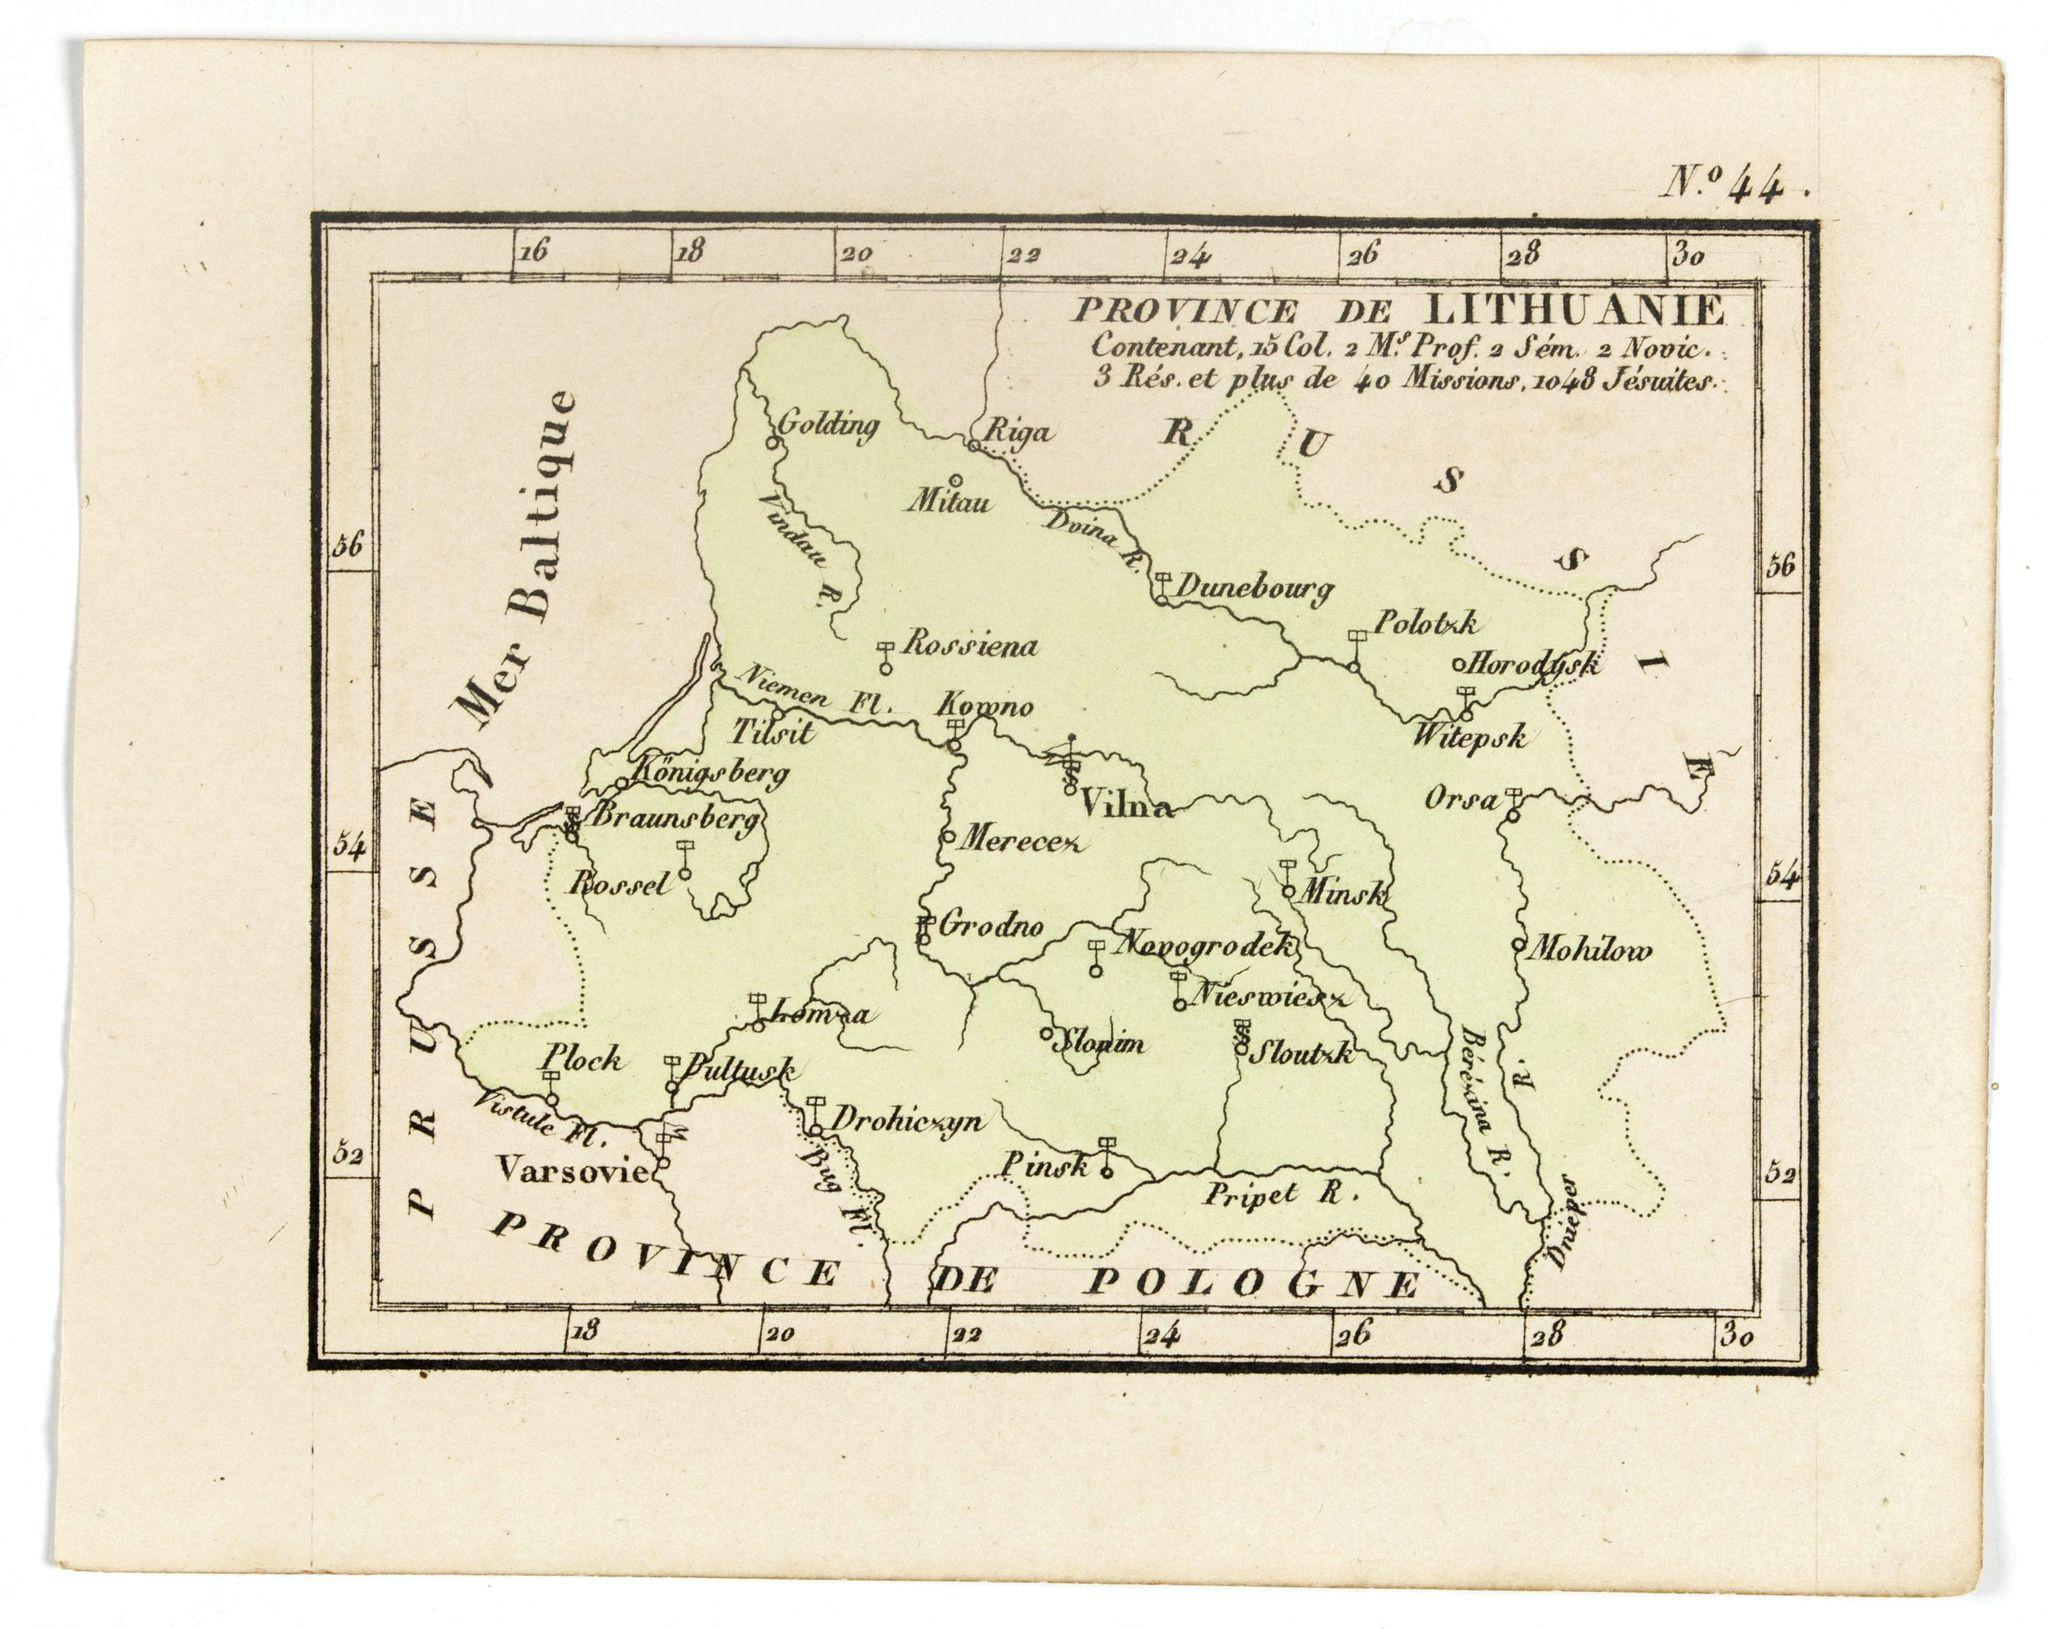 DENIS, L. -  Province de Lithuanie contenant 15 Col. 2 M.on Prof. 2 Sém. 2 Novic. 3 Rés. Et plus de 40 Jésuites.